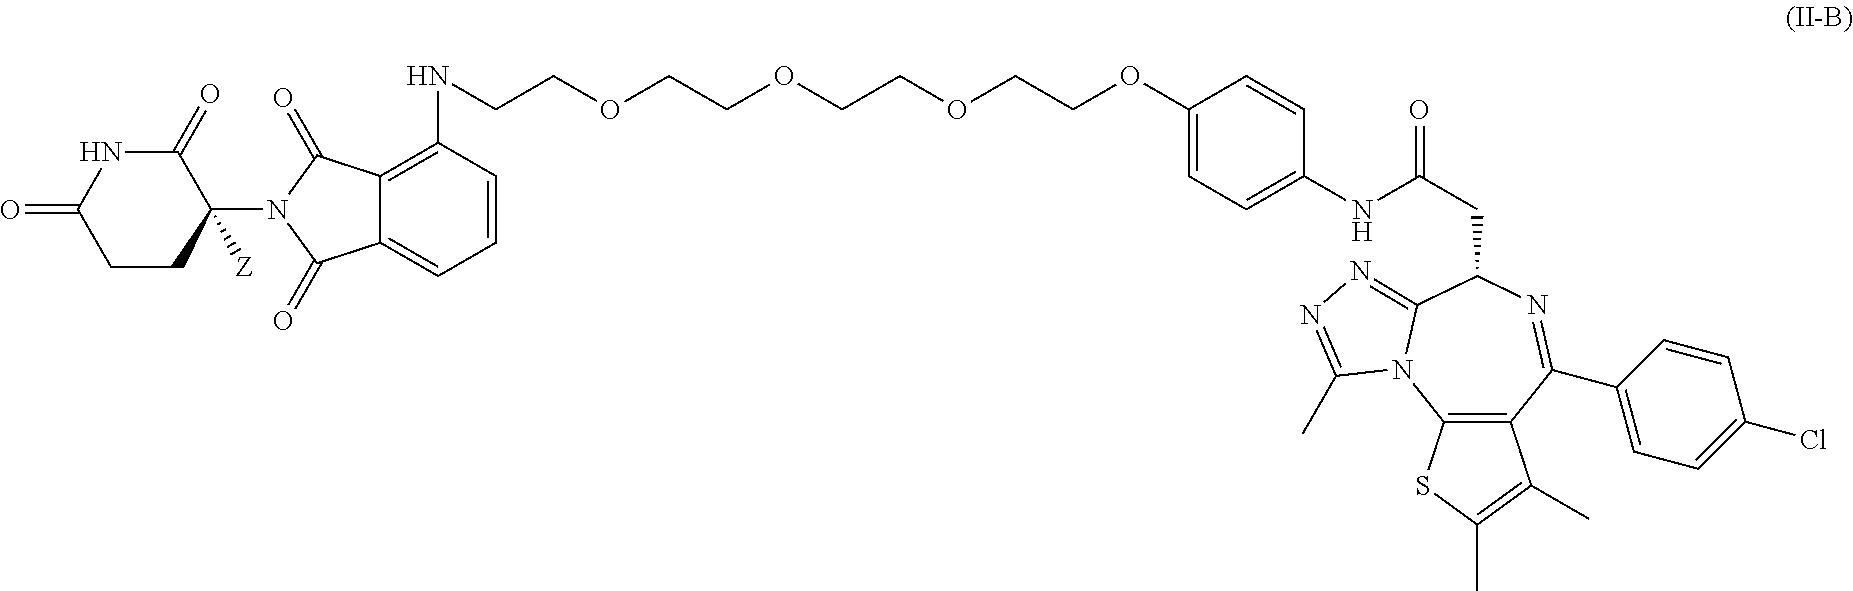 Figure US09809603-20171107-C00024